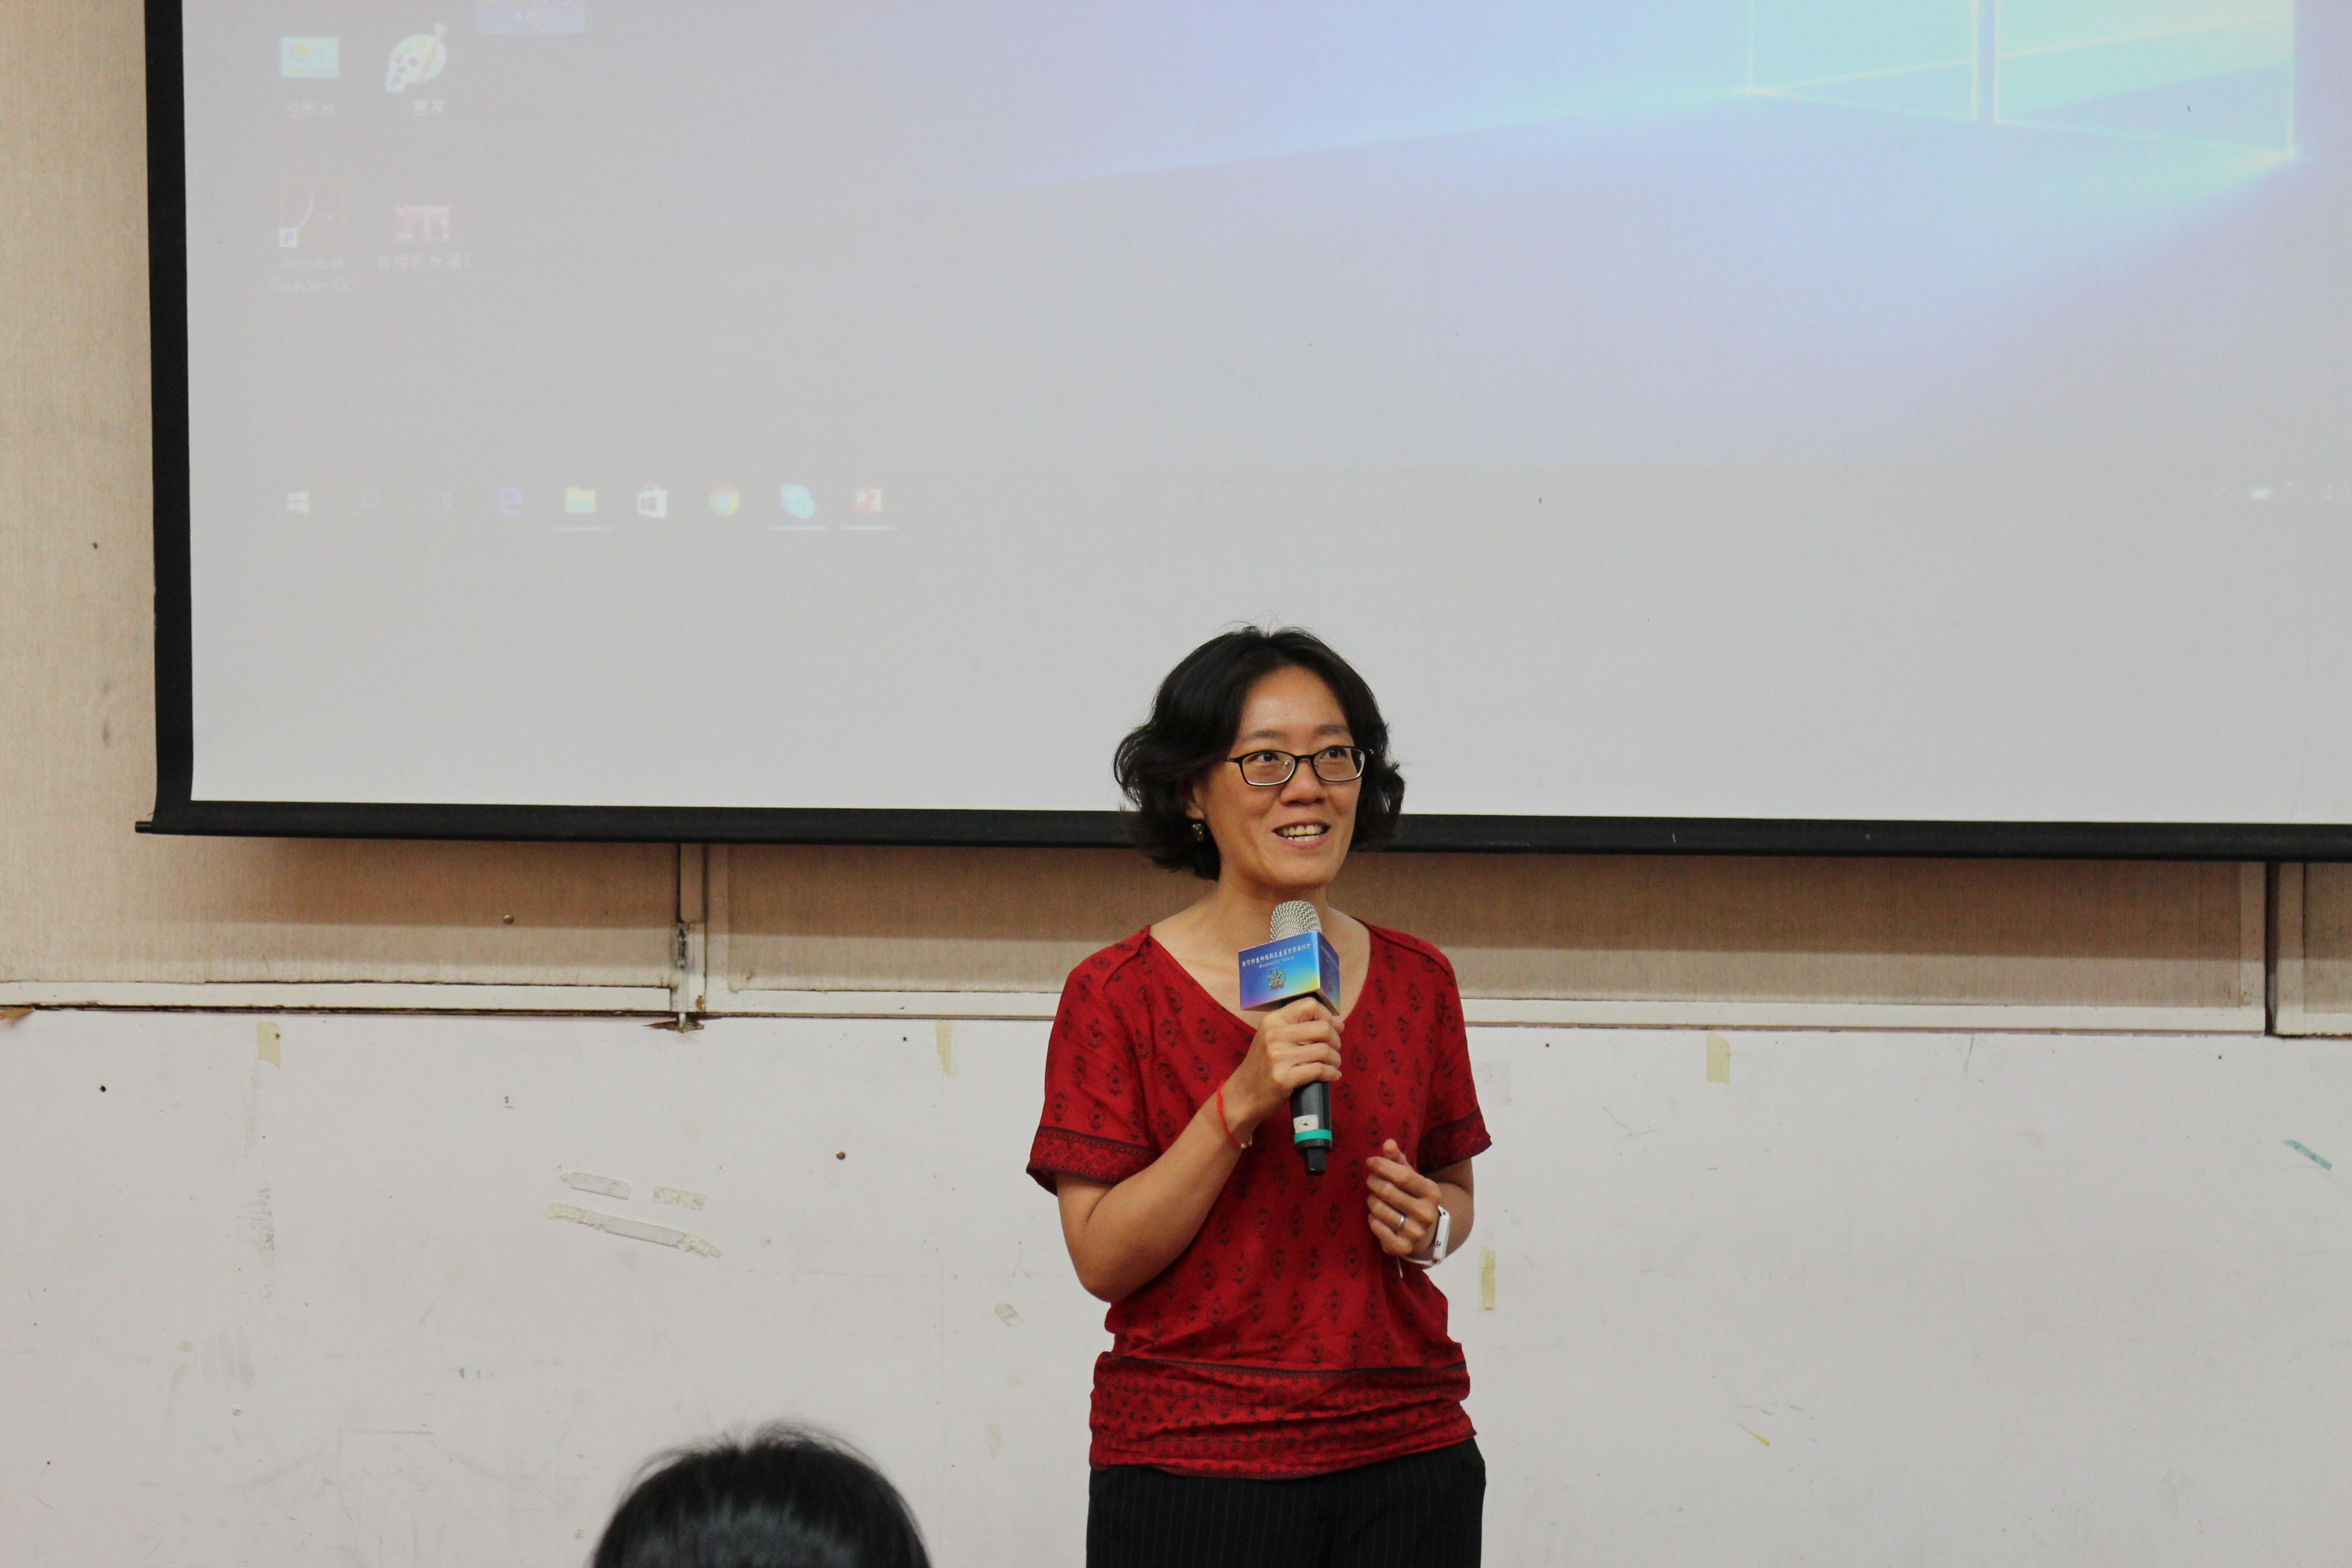 中興大學紀凱容副教授分享觀察感想與鼓勵